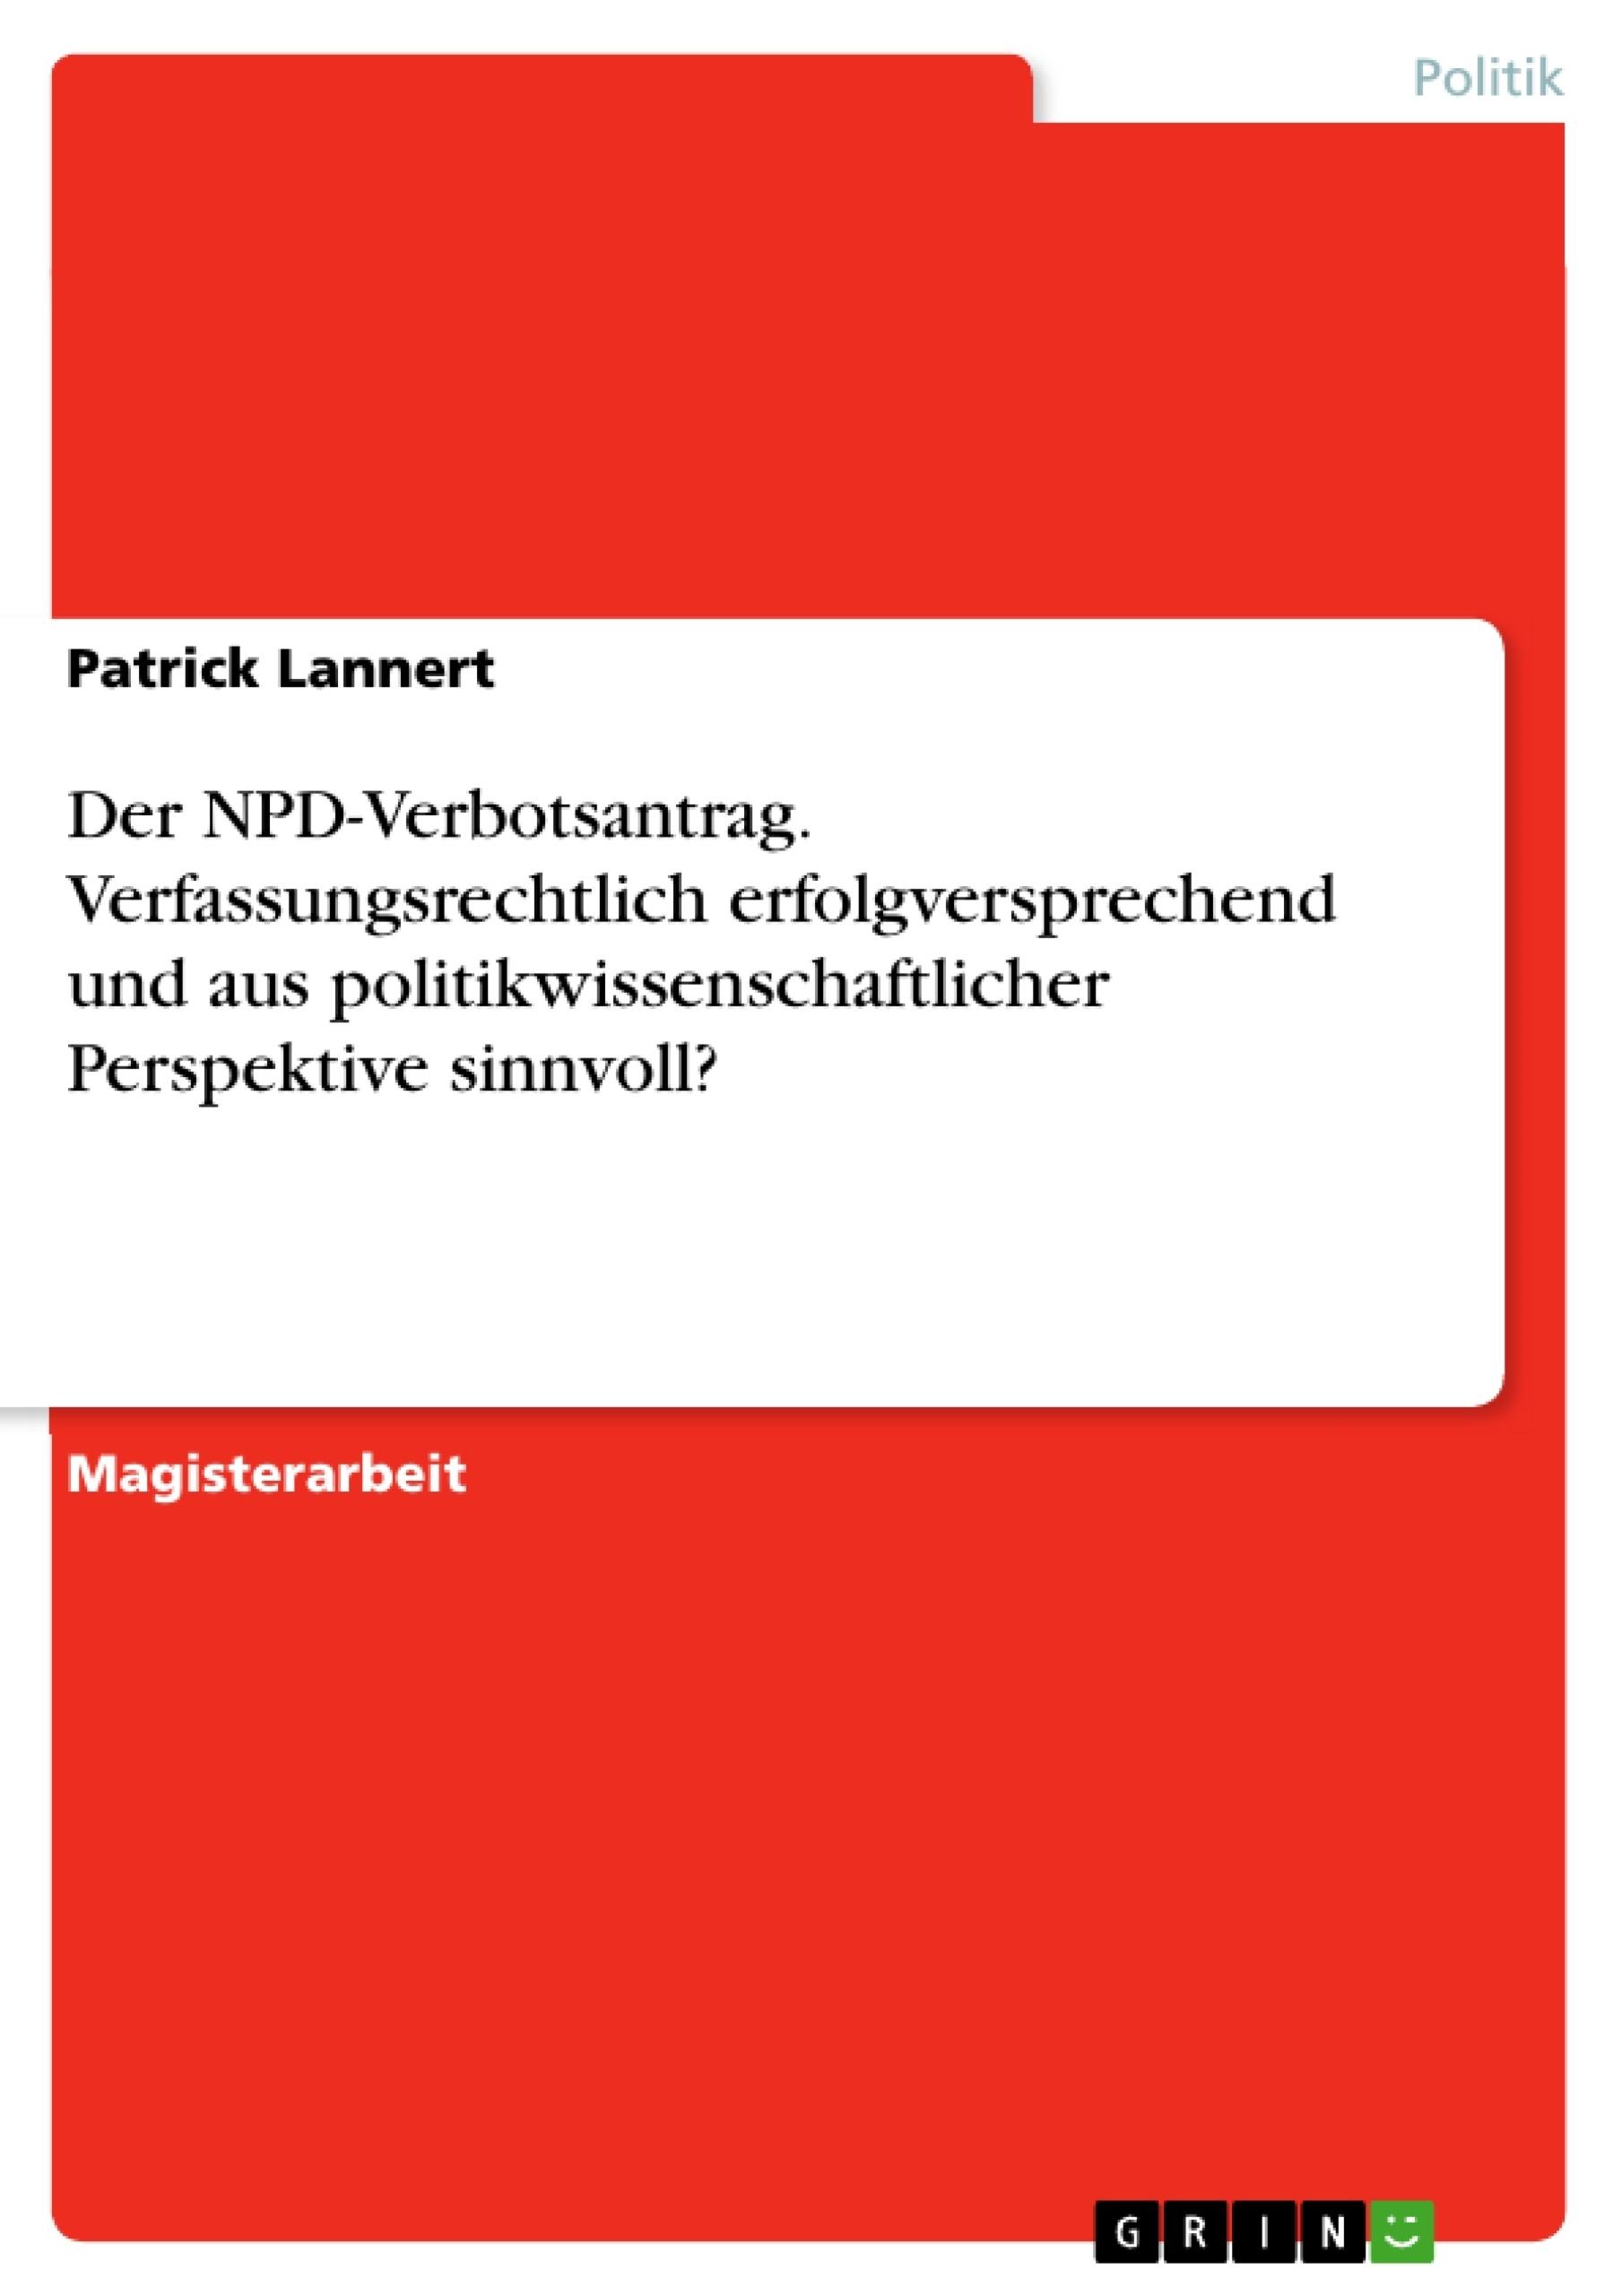 Titel: Der NPD-Verbotsantrag. Verfassungsrechtlich erfolgversprechend und aus politikwissenschaftlicher Perspektive sinnvoll?